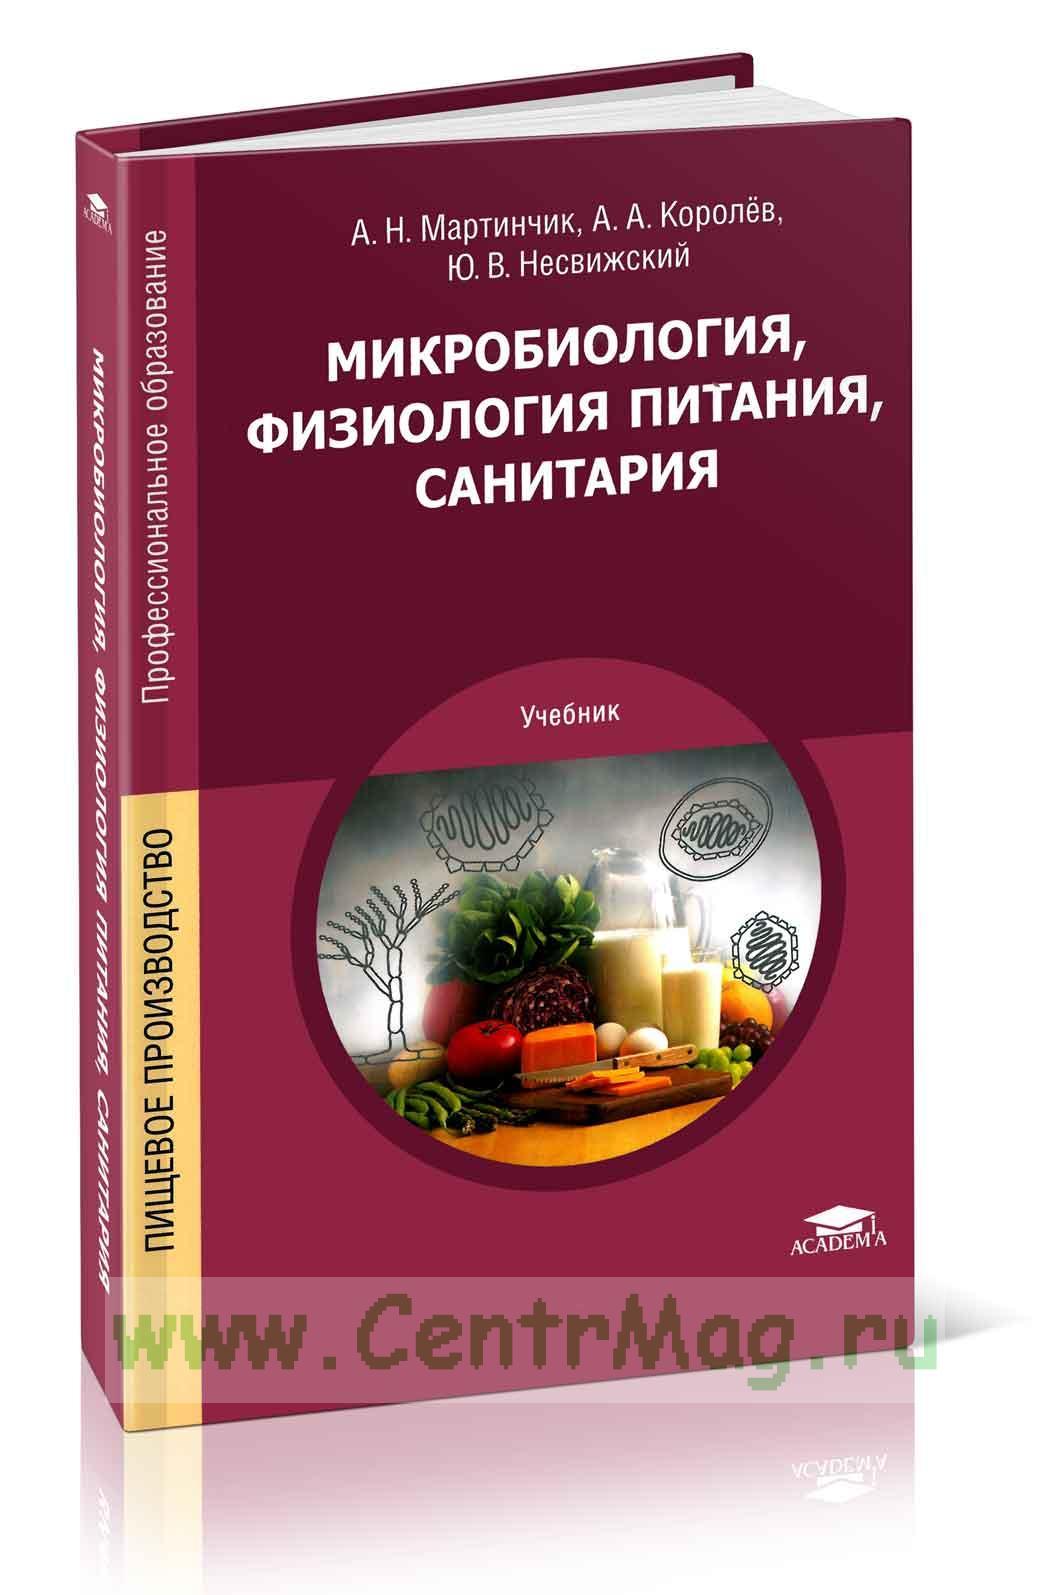 Микробиология, физиология питания, санитария: учебник (7-е издание, стереотипное)